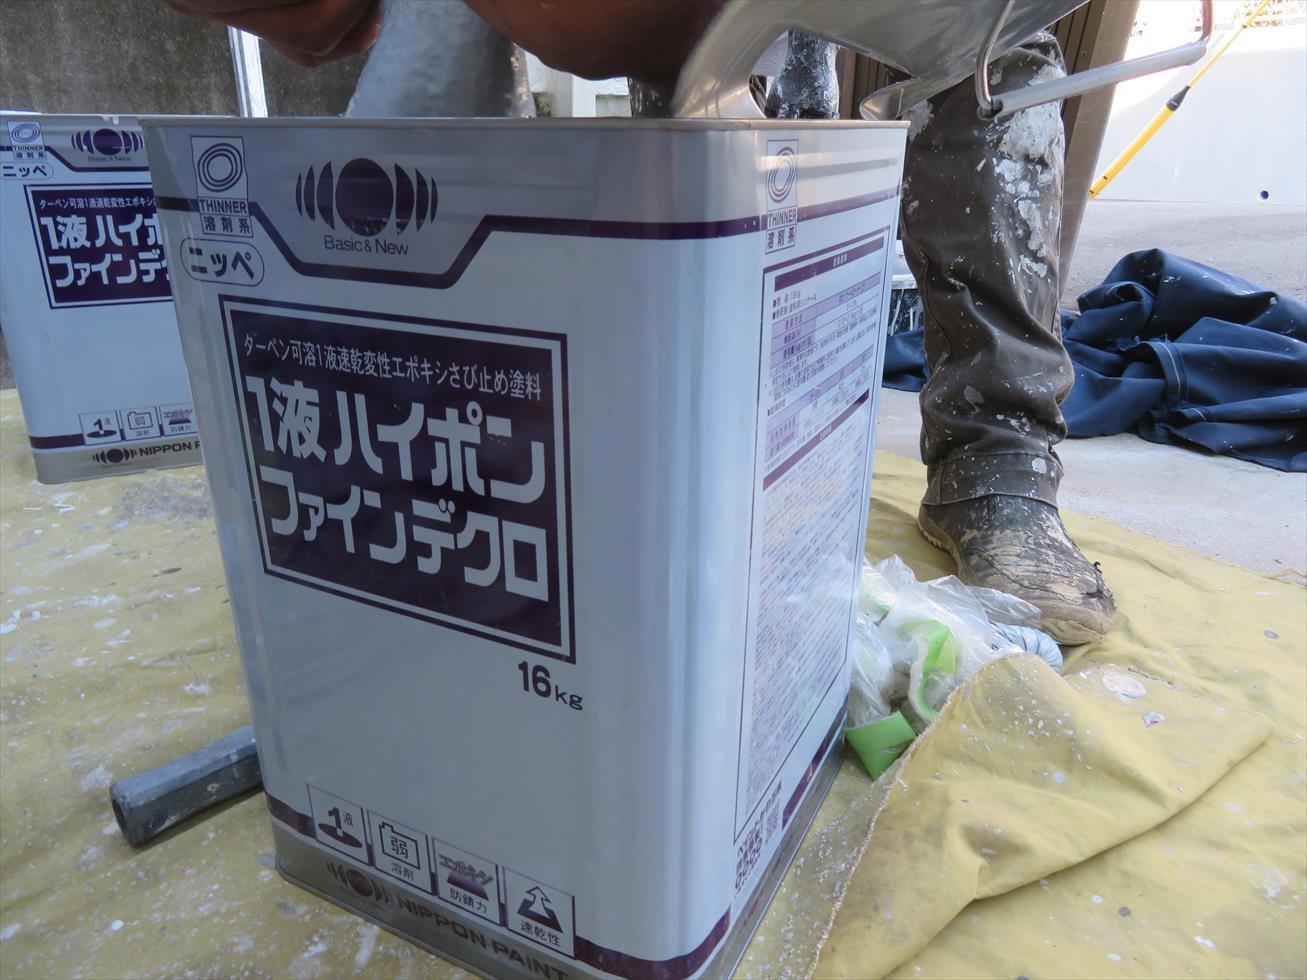 宝塚市マンション大規模修繕に伴う鉄部塗装には日本ペイント1液ハイポンファインデクロを下塗り錆止め剤として採用